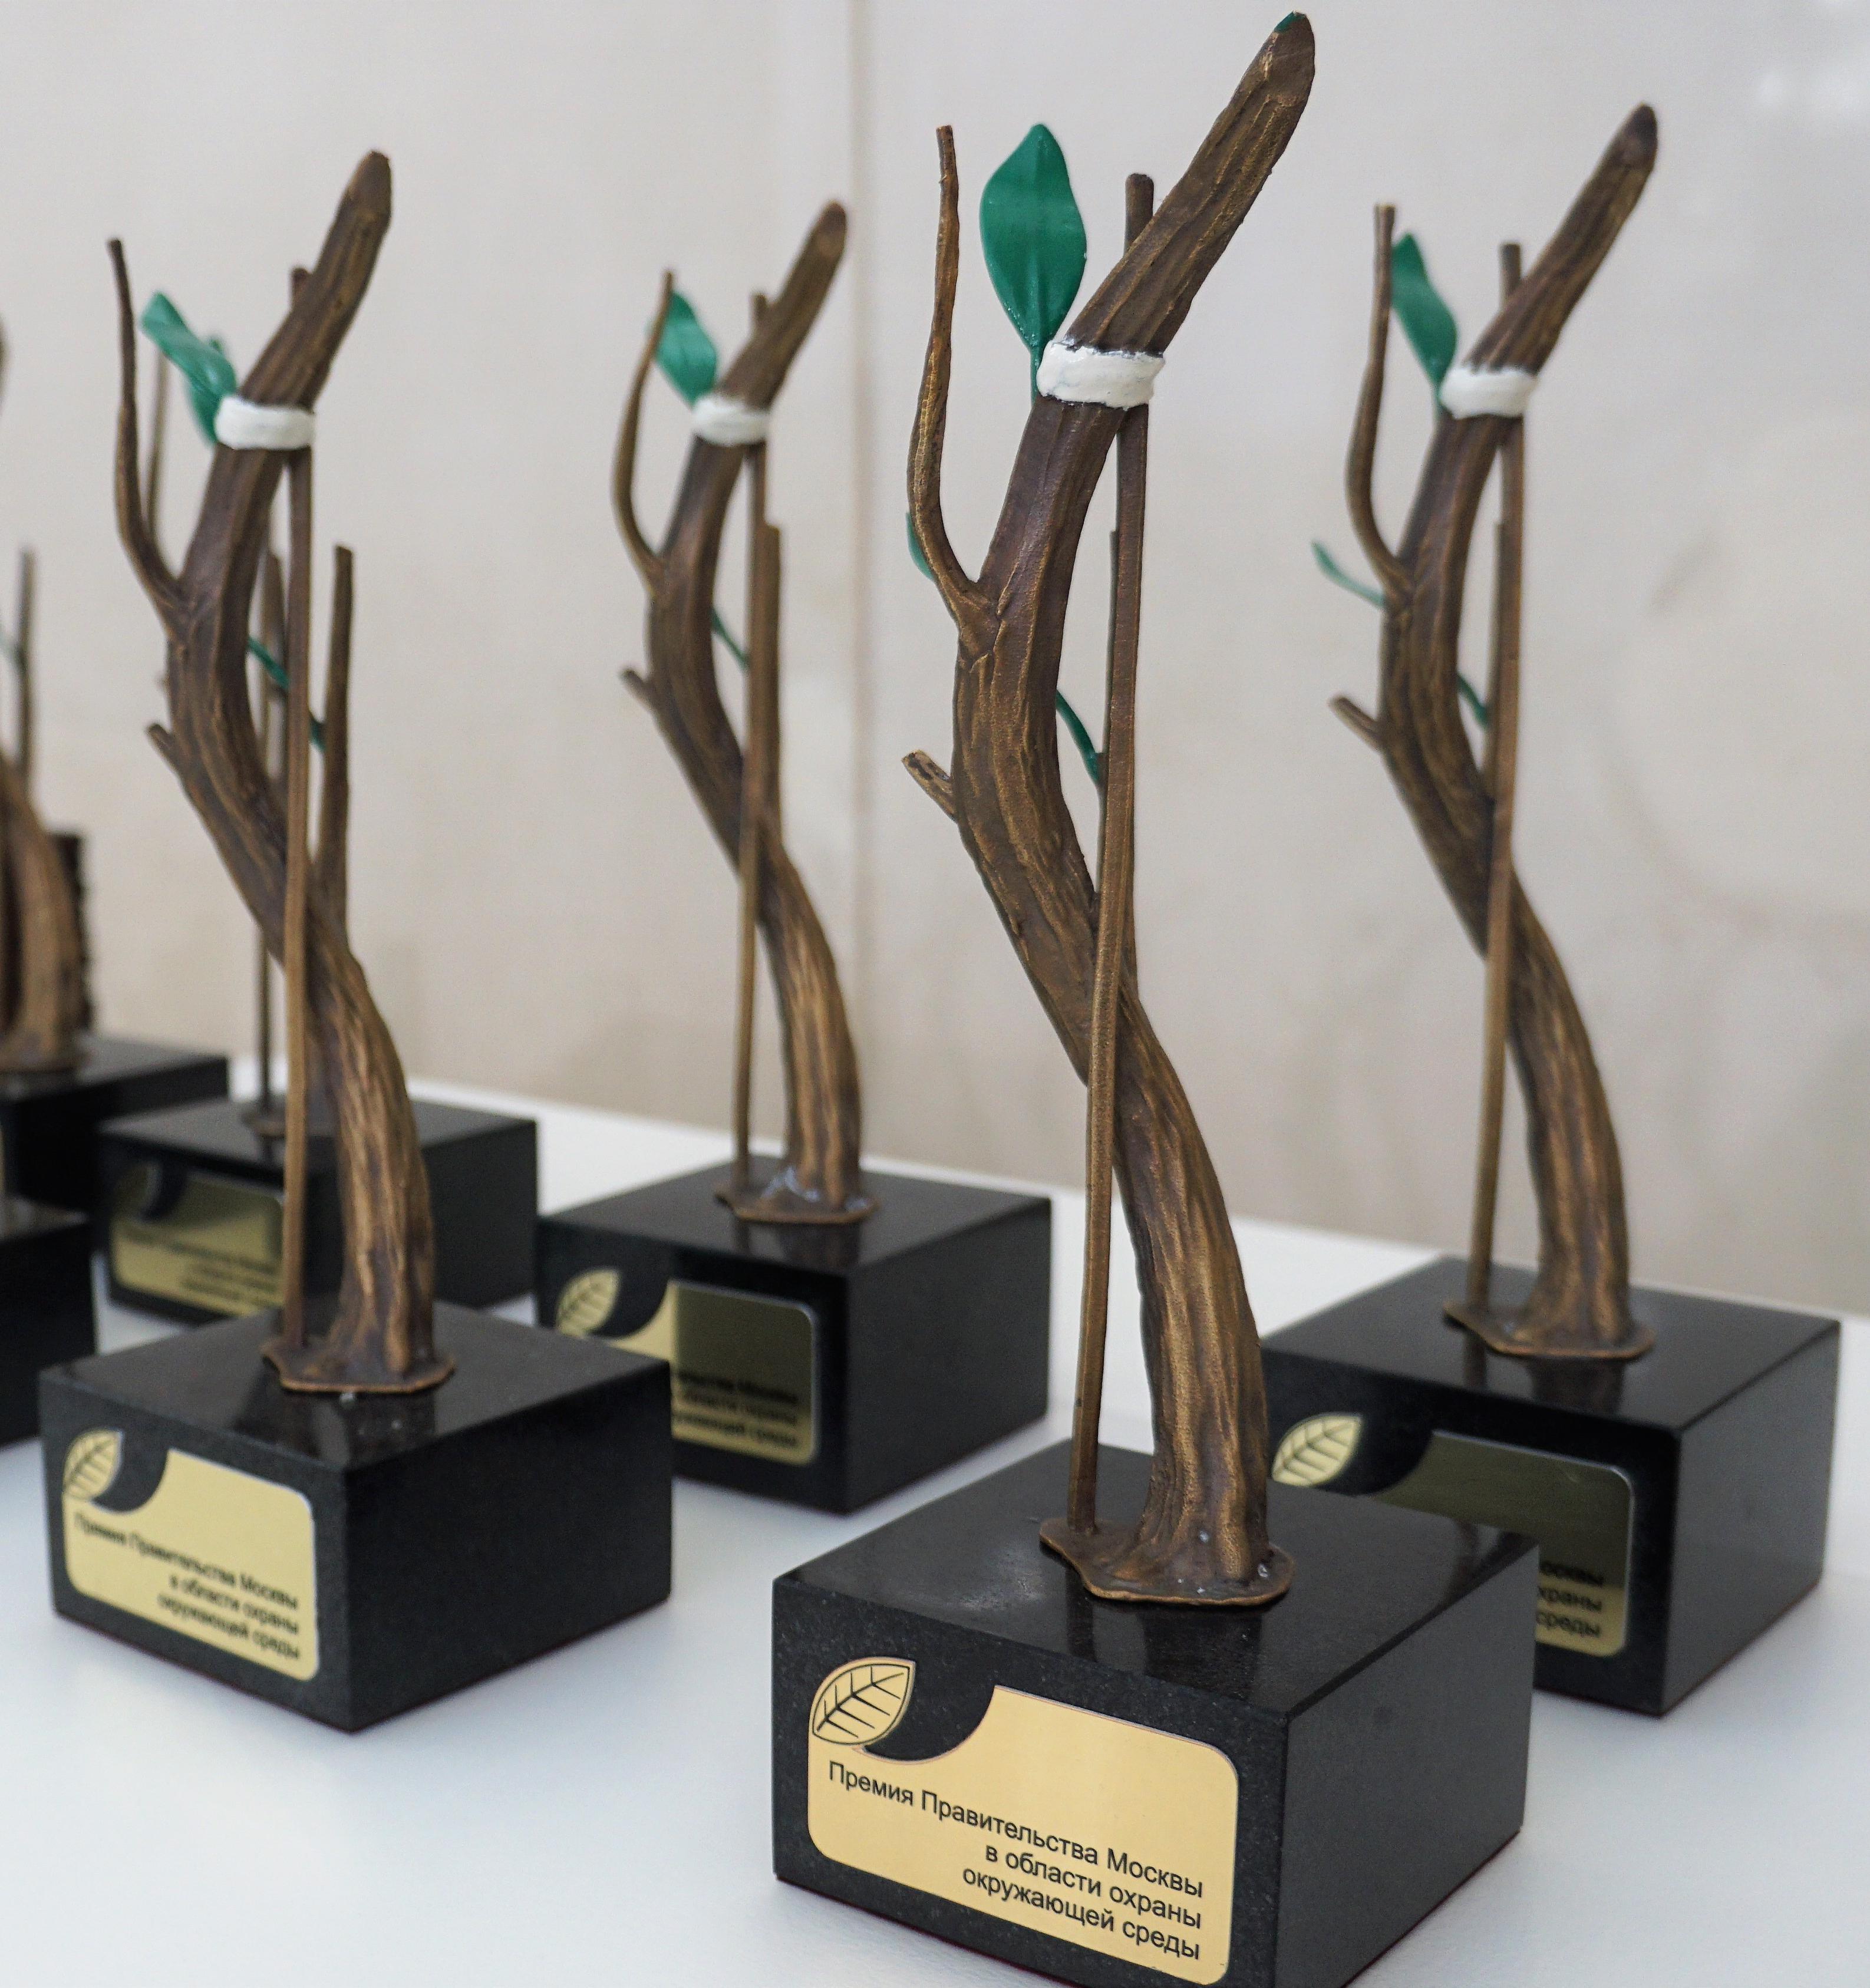 Премия в области охраны окружающей среды: как подать заявку